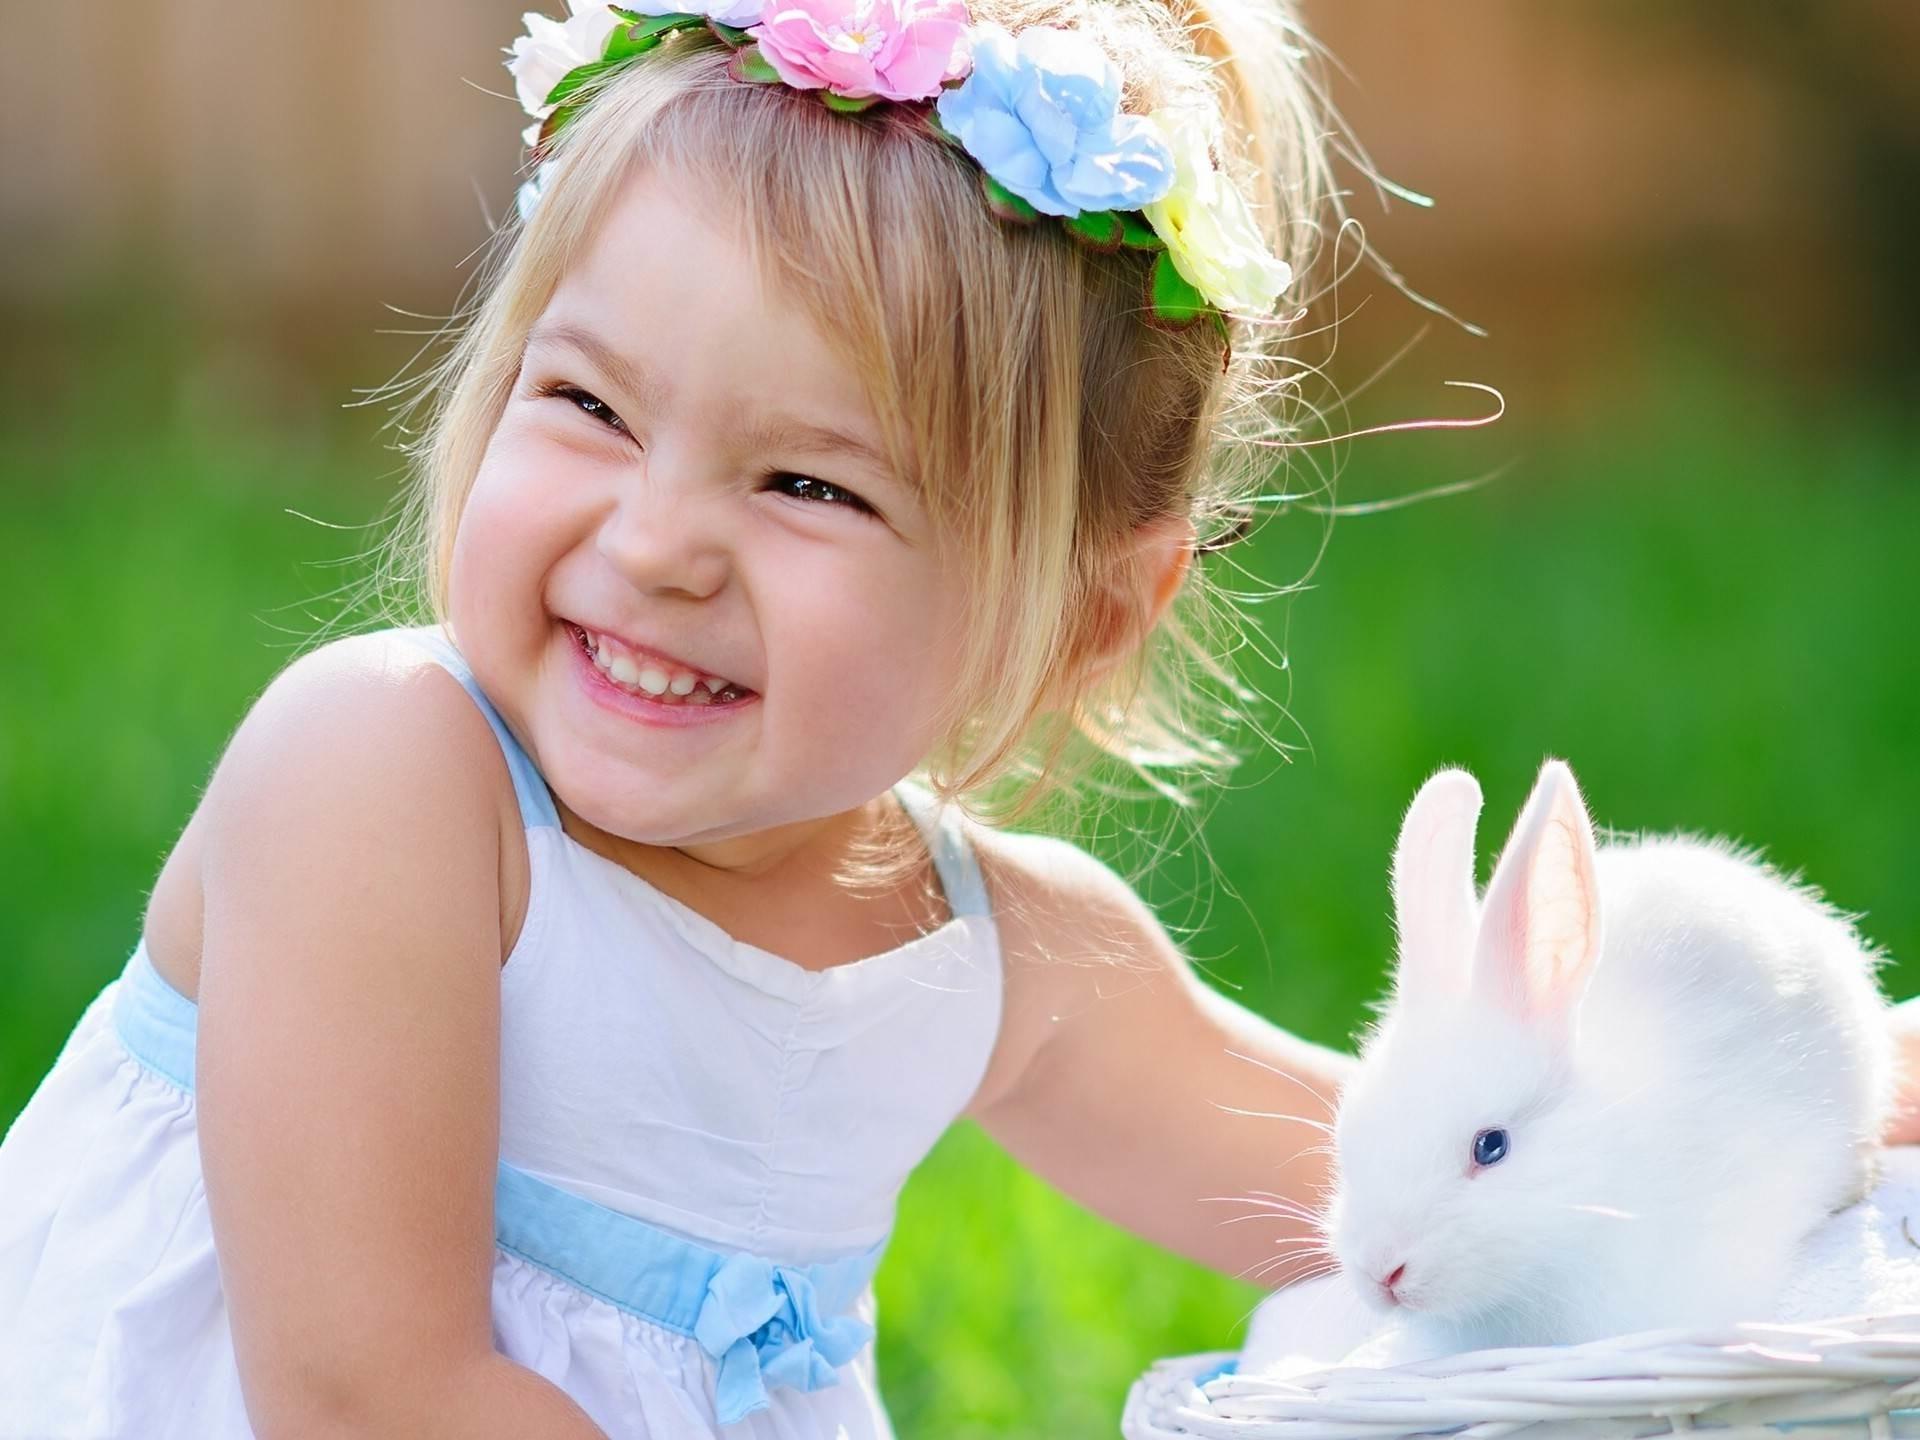 اجمل الصور اطفال بنات كيوت